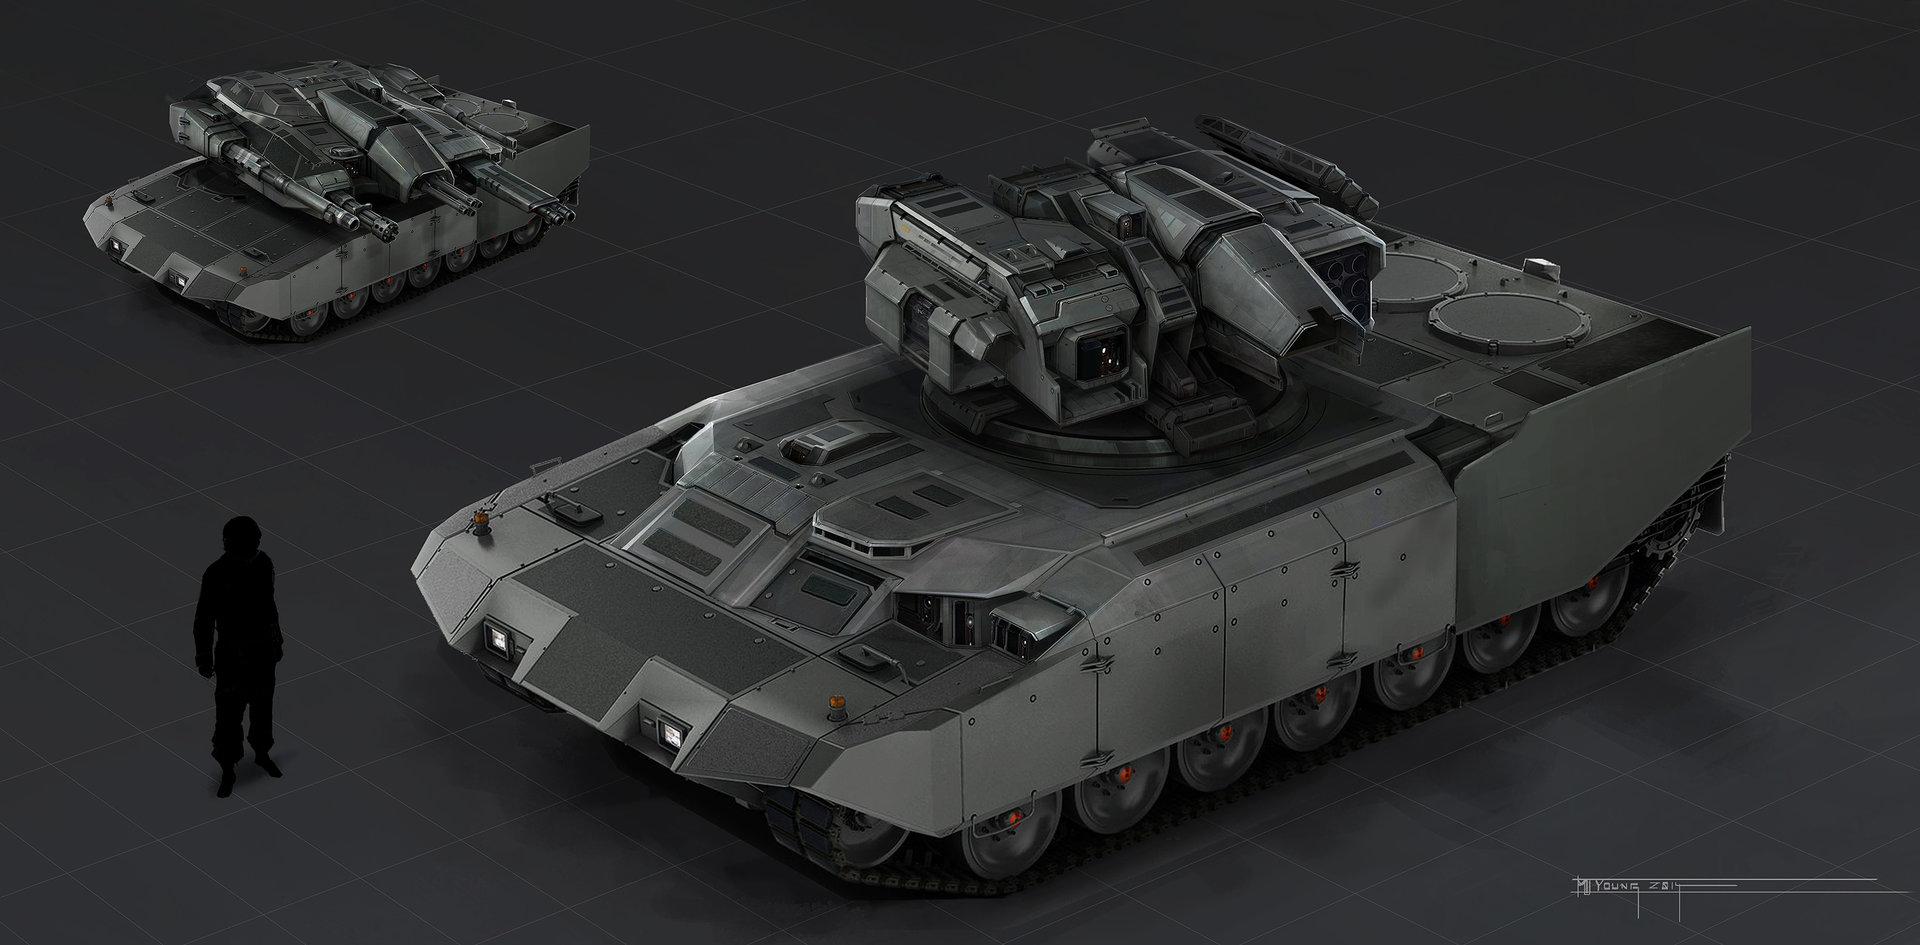 Muyoung kim armor leopard concept r3 final no guns mu